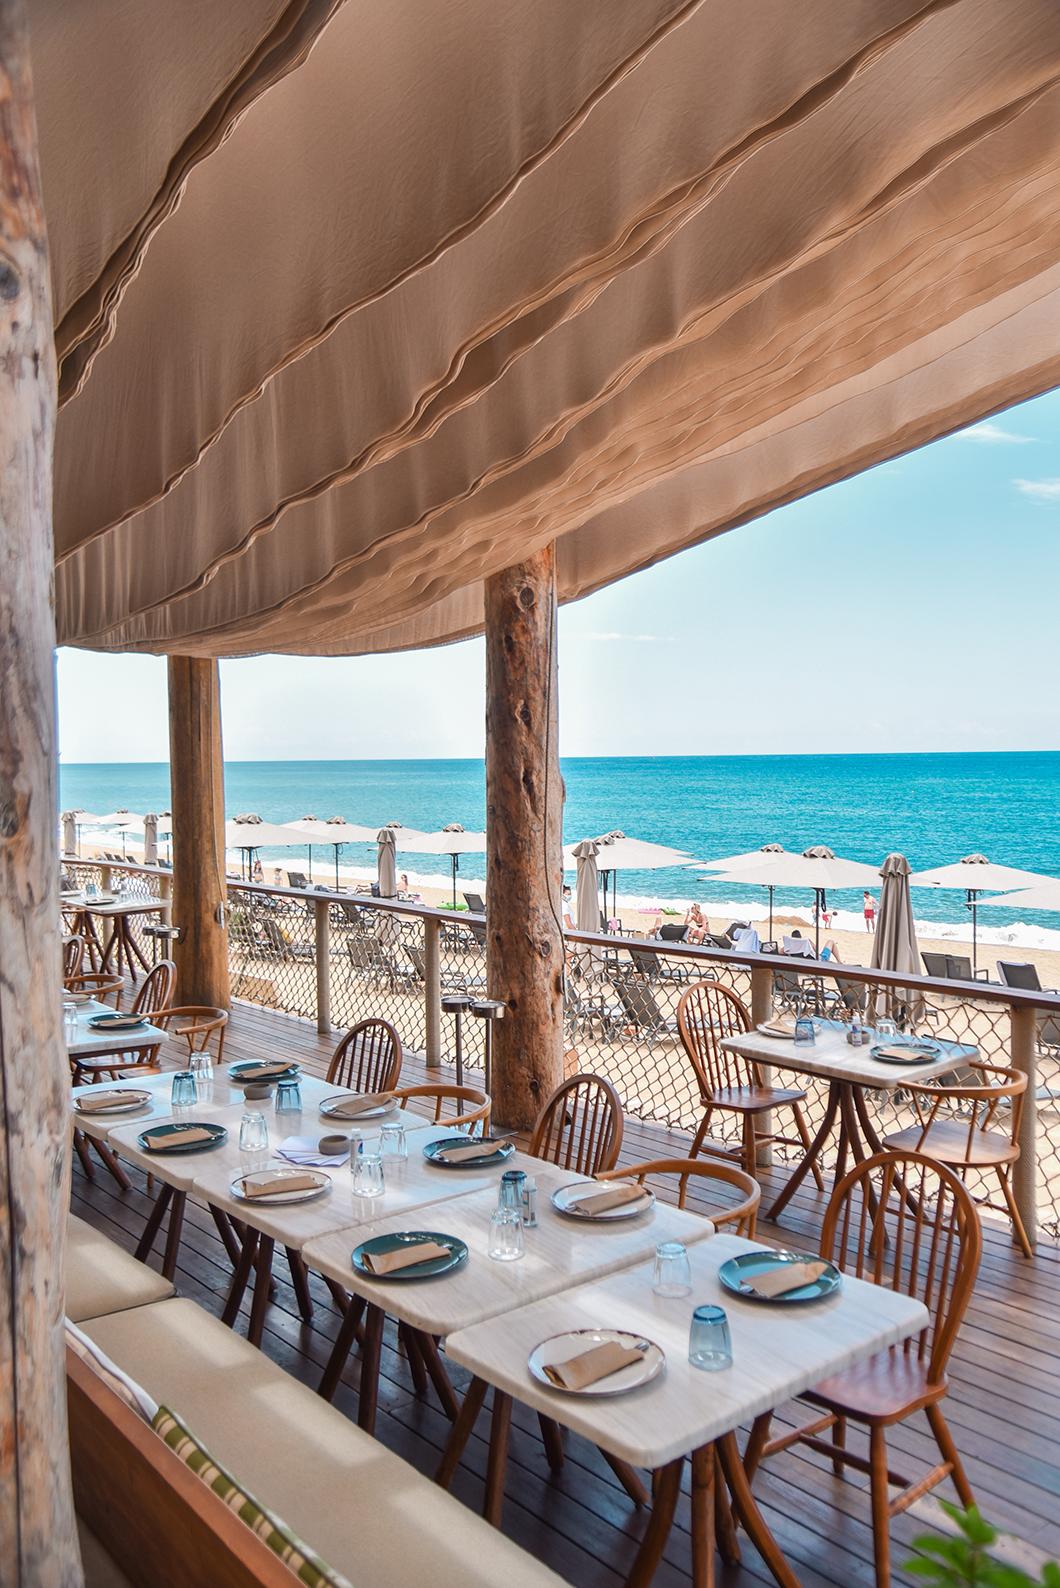 Déjeuner sur la plage au Barbouni sur la Costa Navarino en Grèce